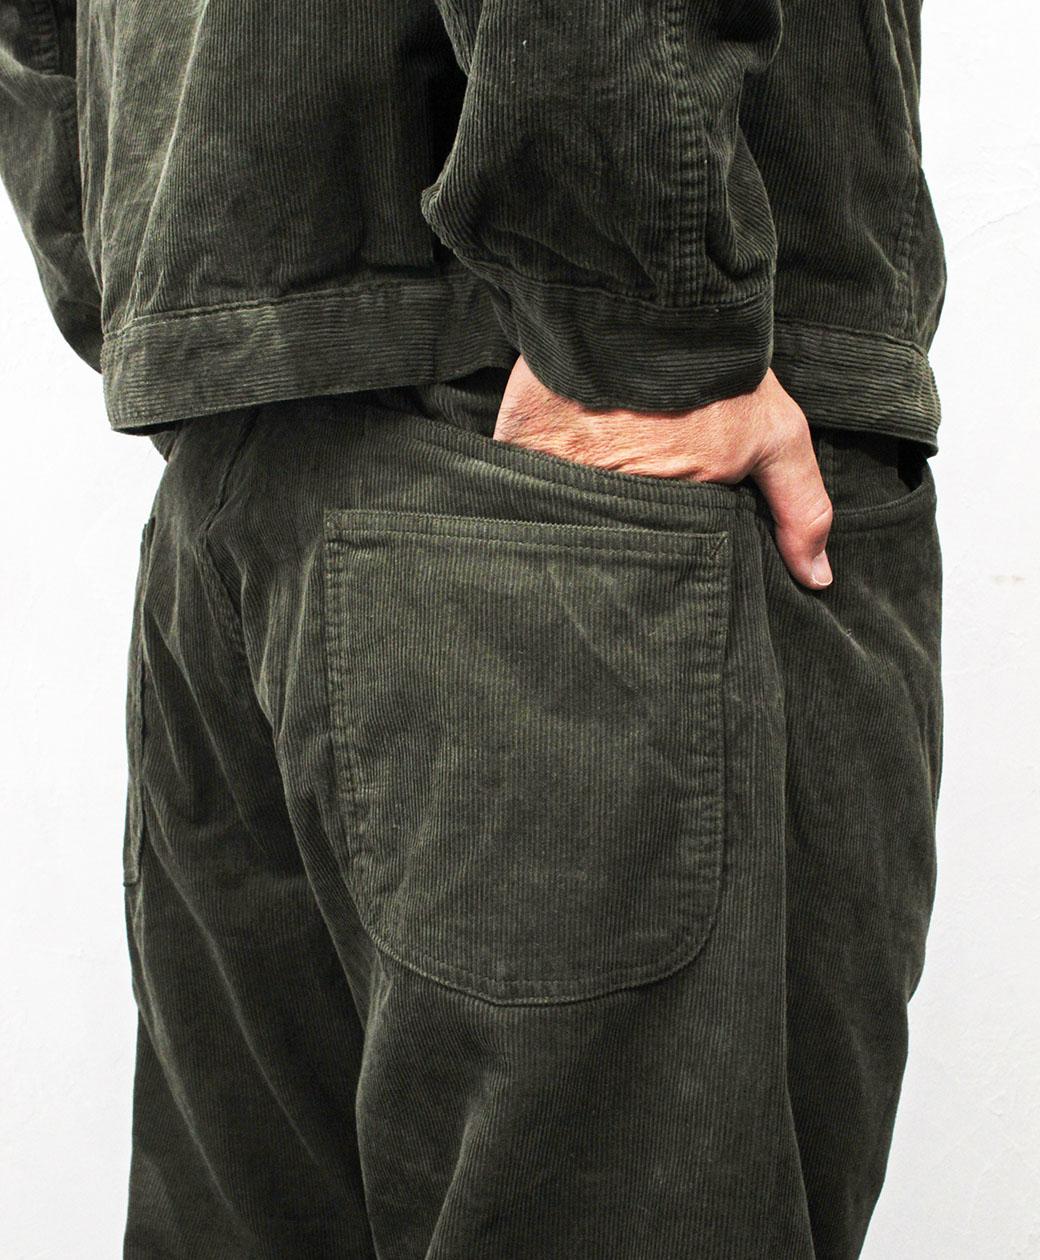 SASSAFRAS Gardening At Night 5 Pants(14w Corduroy)